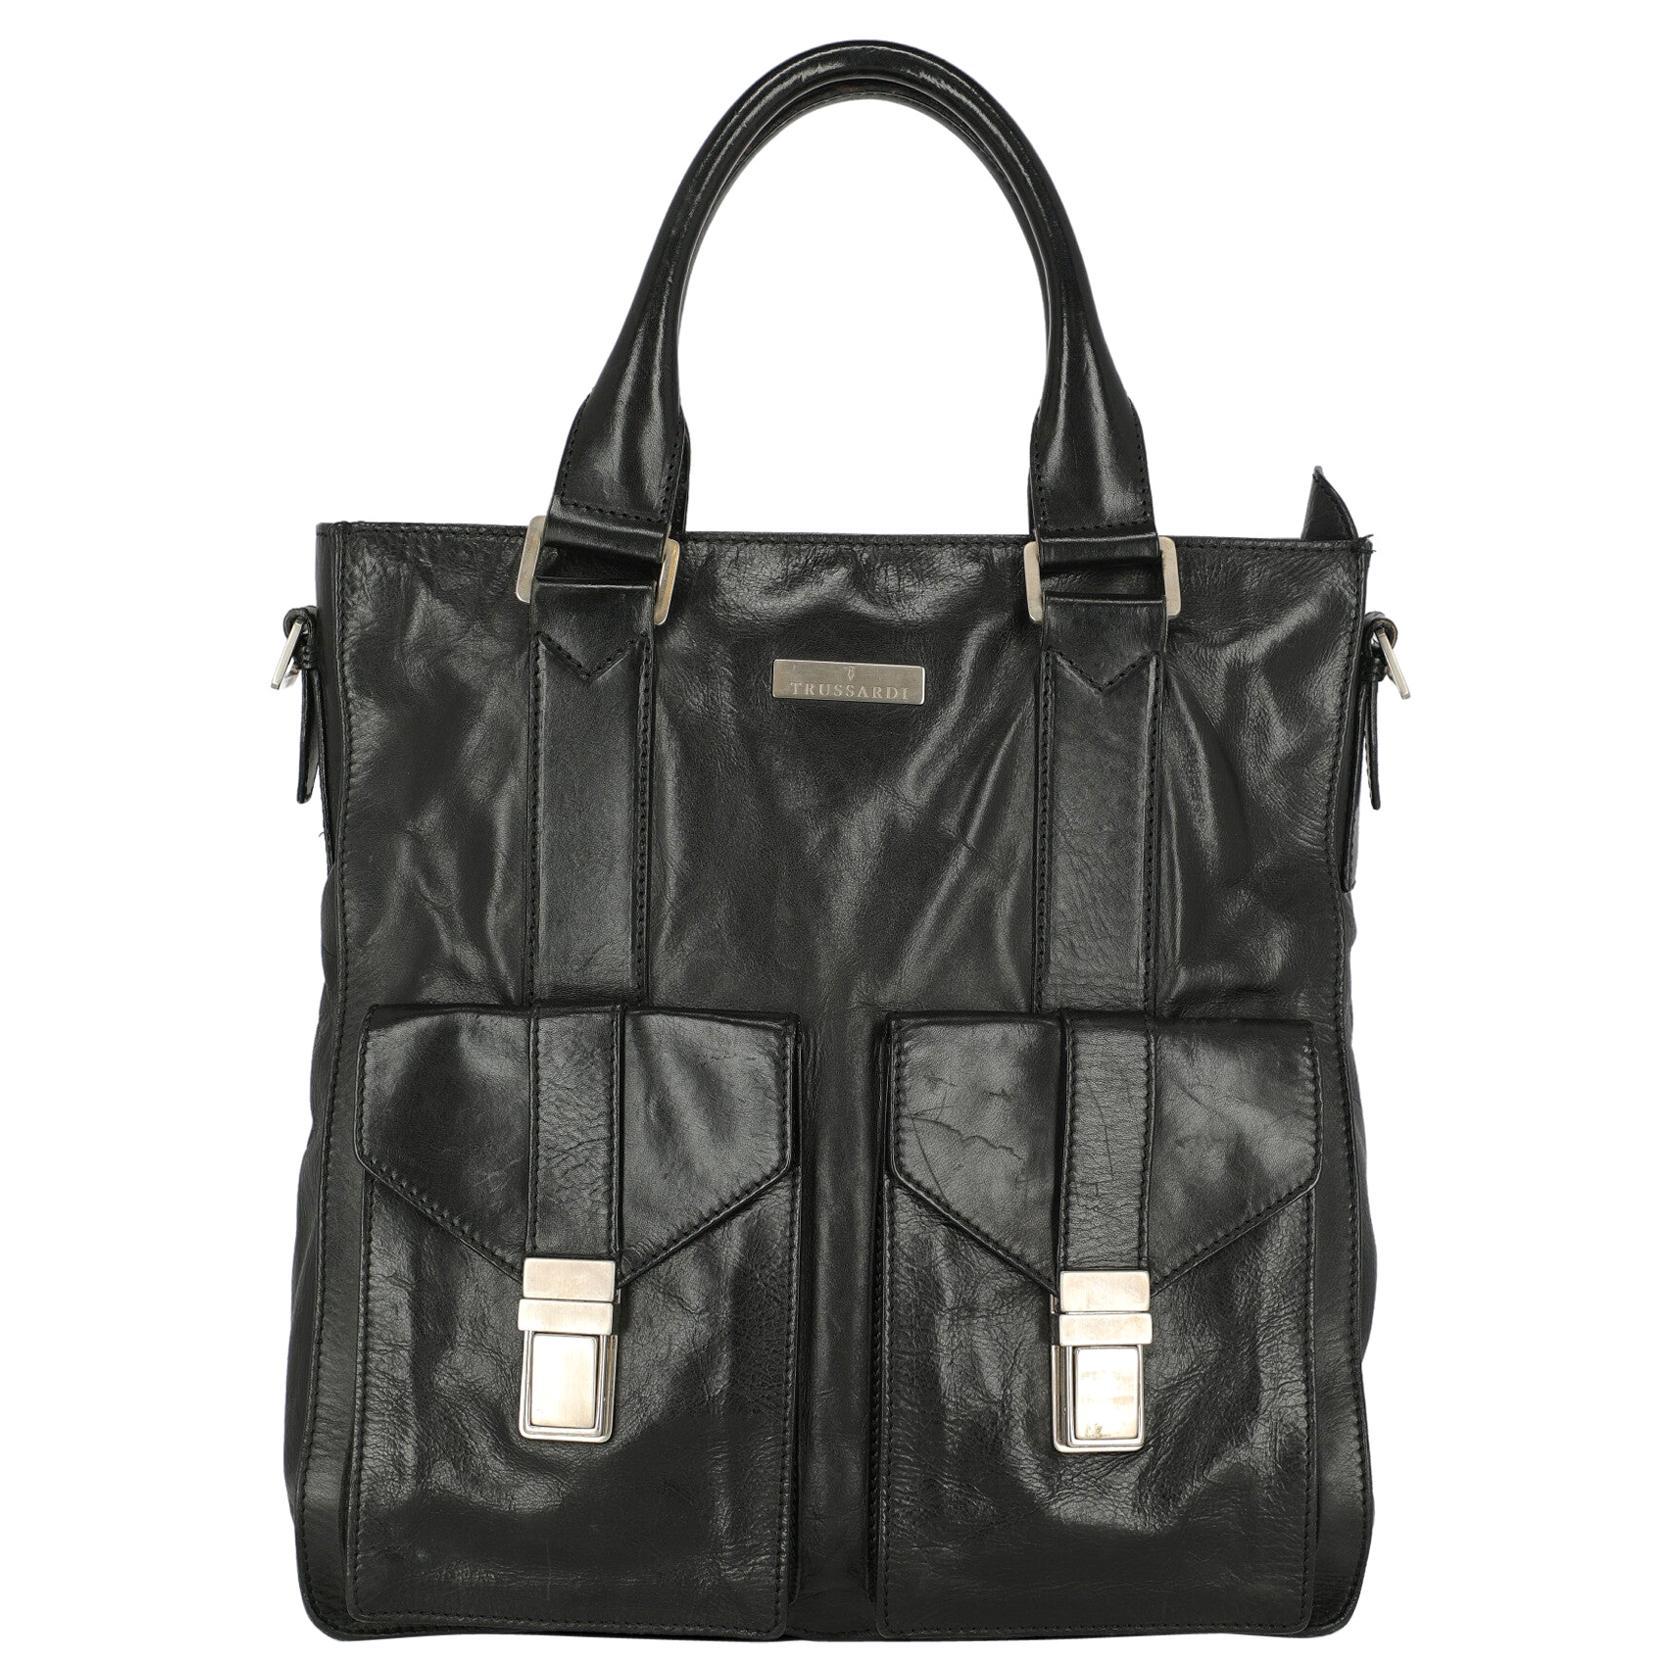 Trussardi Woman Shoulder bag  Black Leather